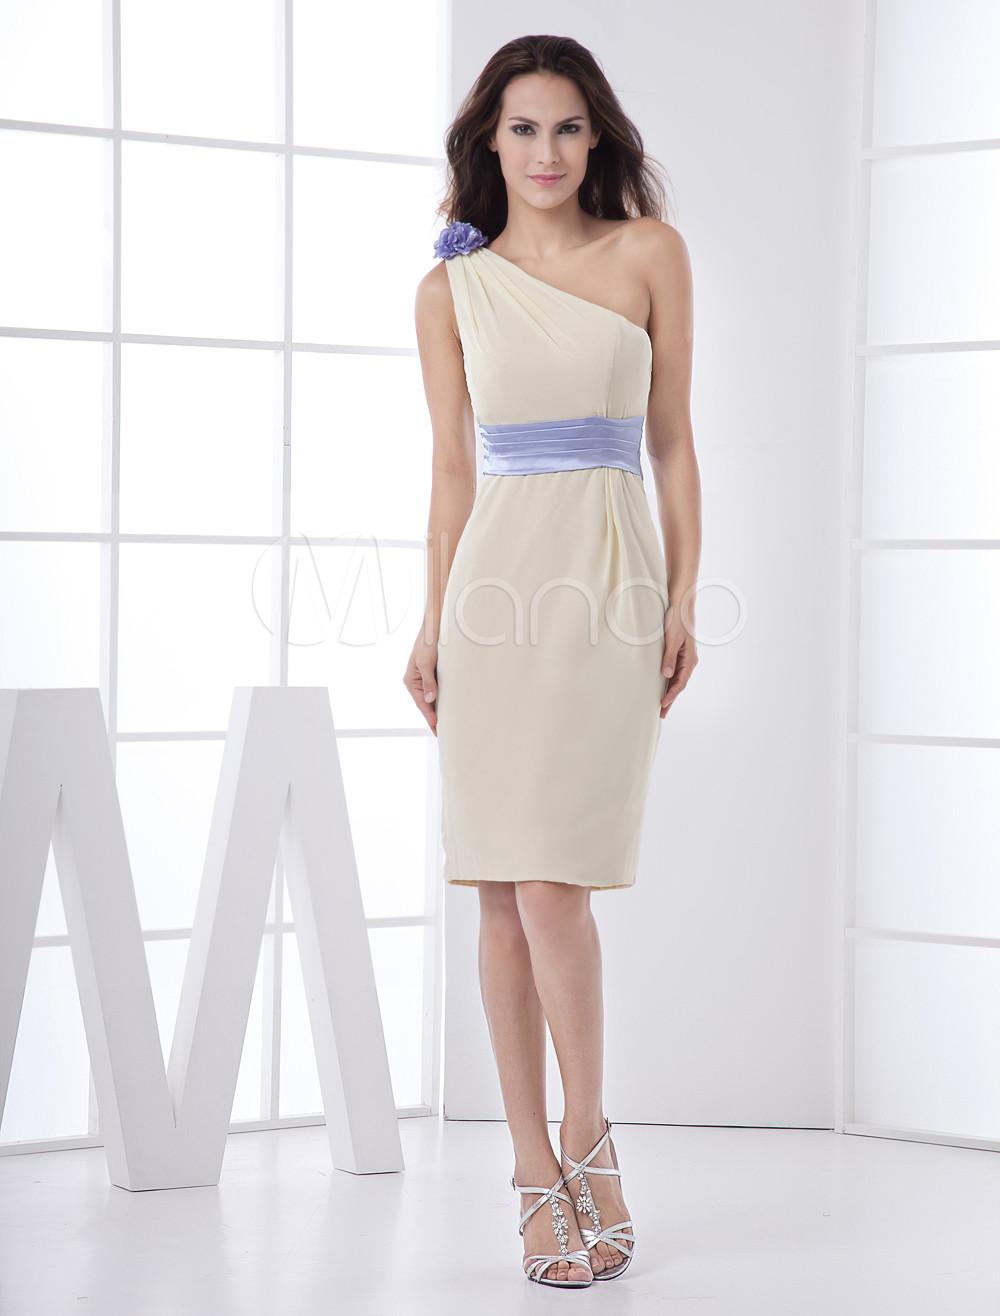 Daffodil Piping One-Shoulder Satin Bridesmaid Dress